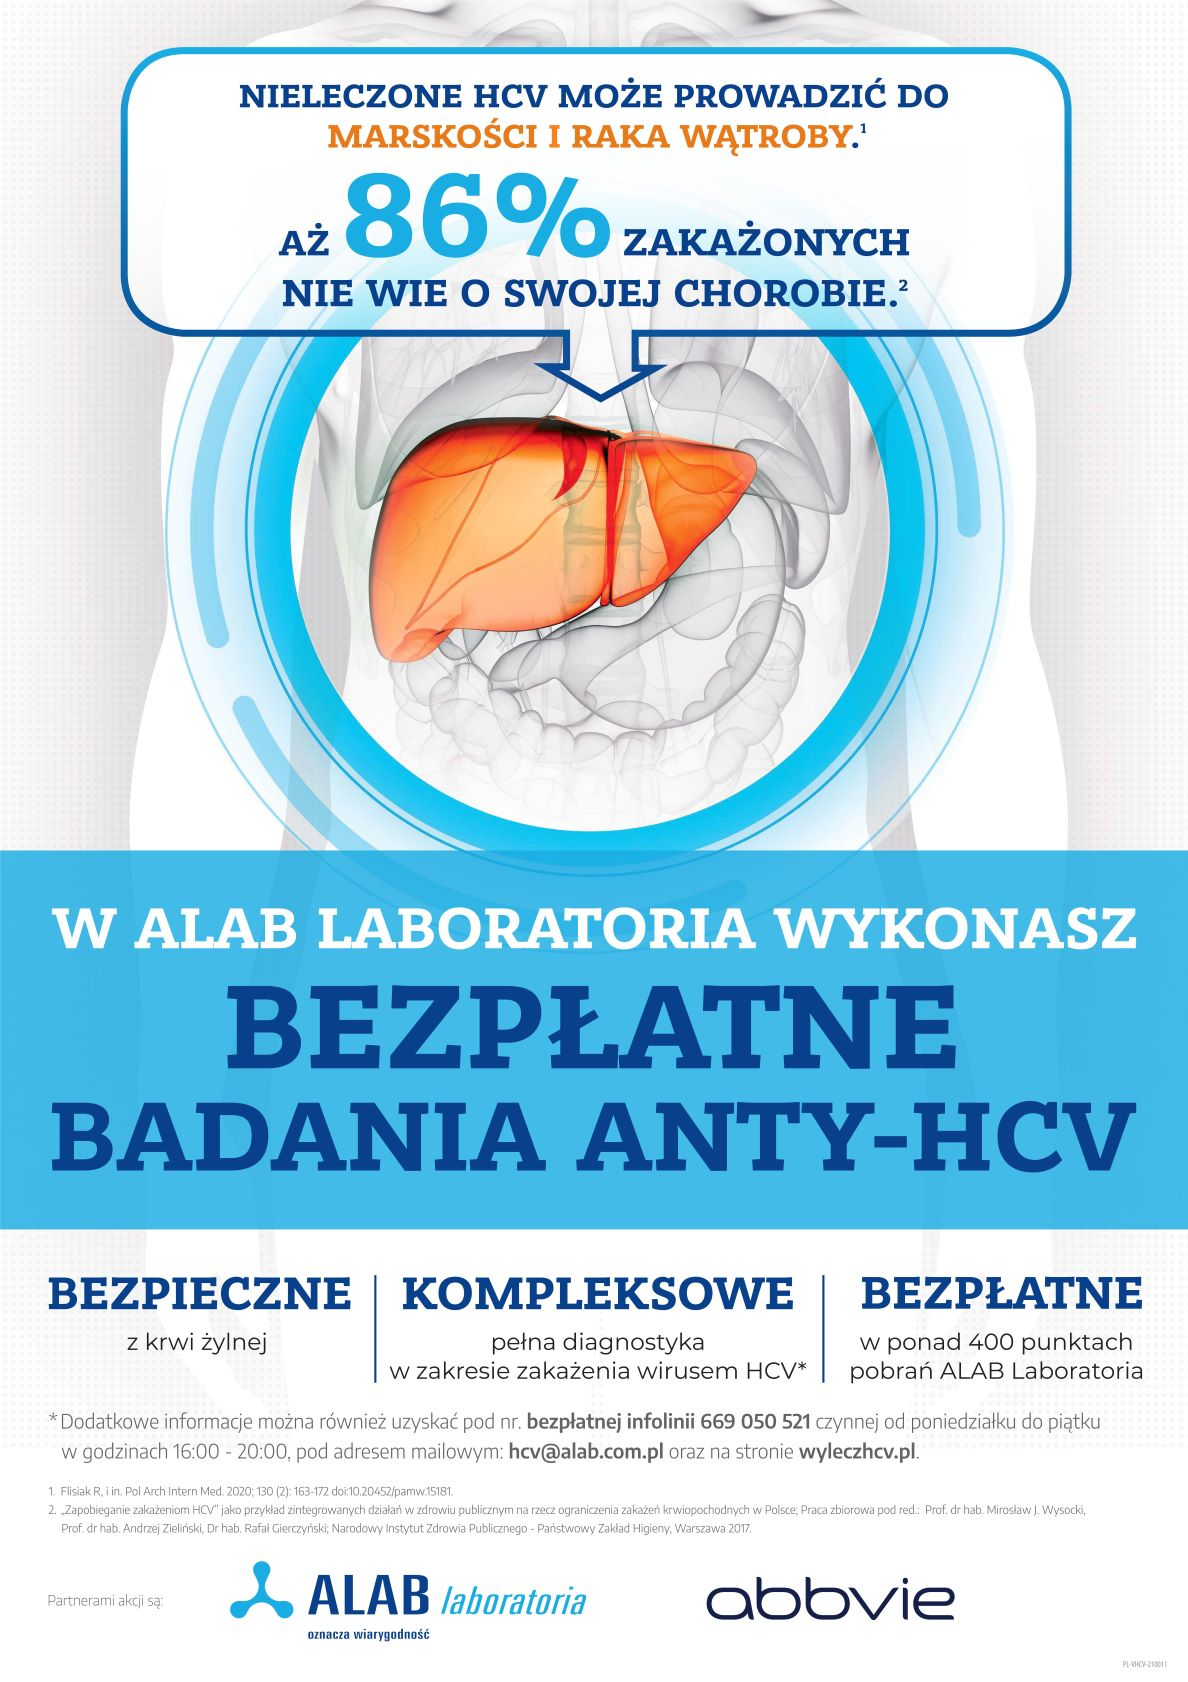 Plakat promujący badania anty-hcv